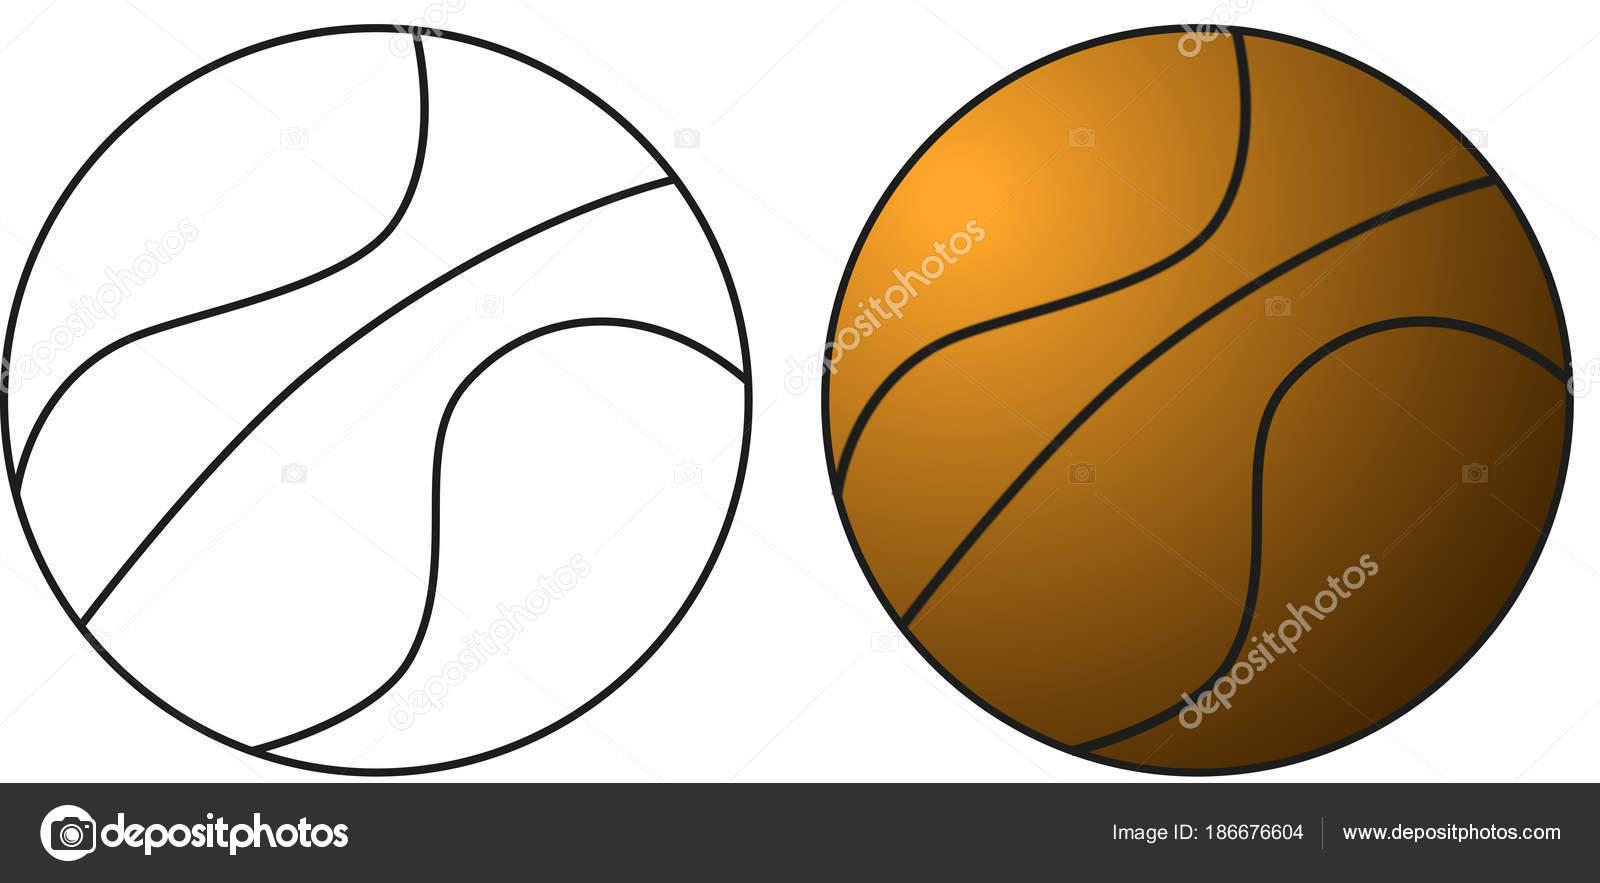 desenho uma bola basquete para ser colorido desenho mesmo colorida